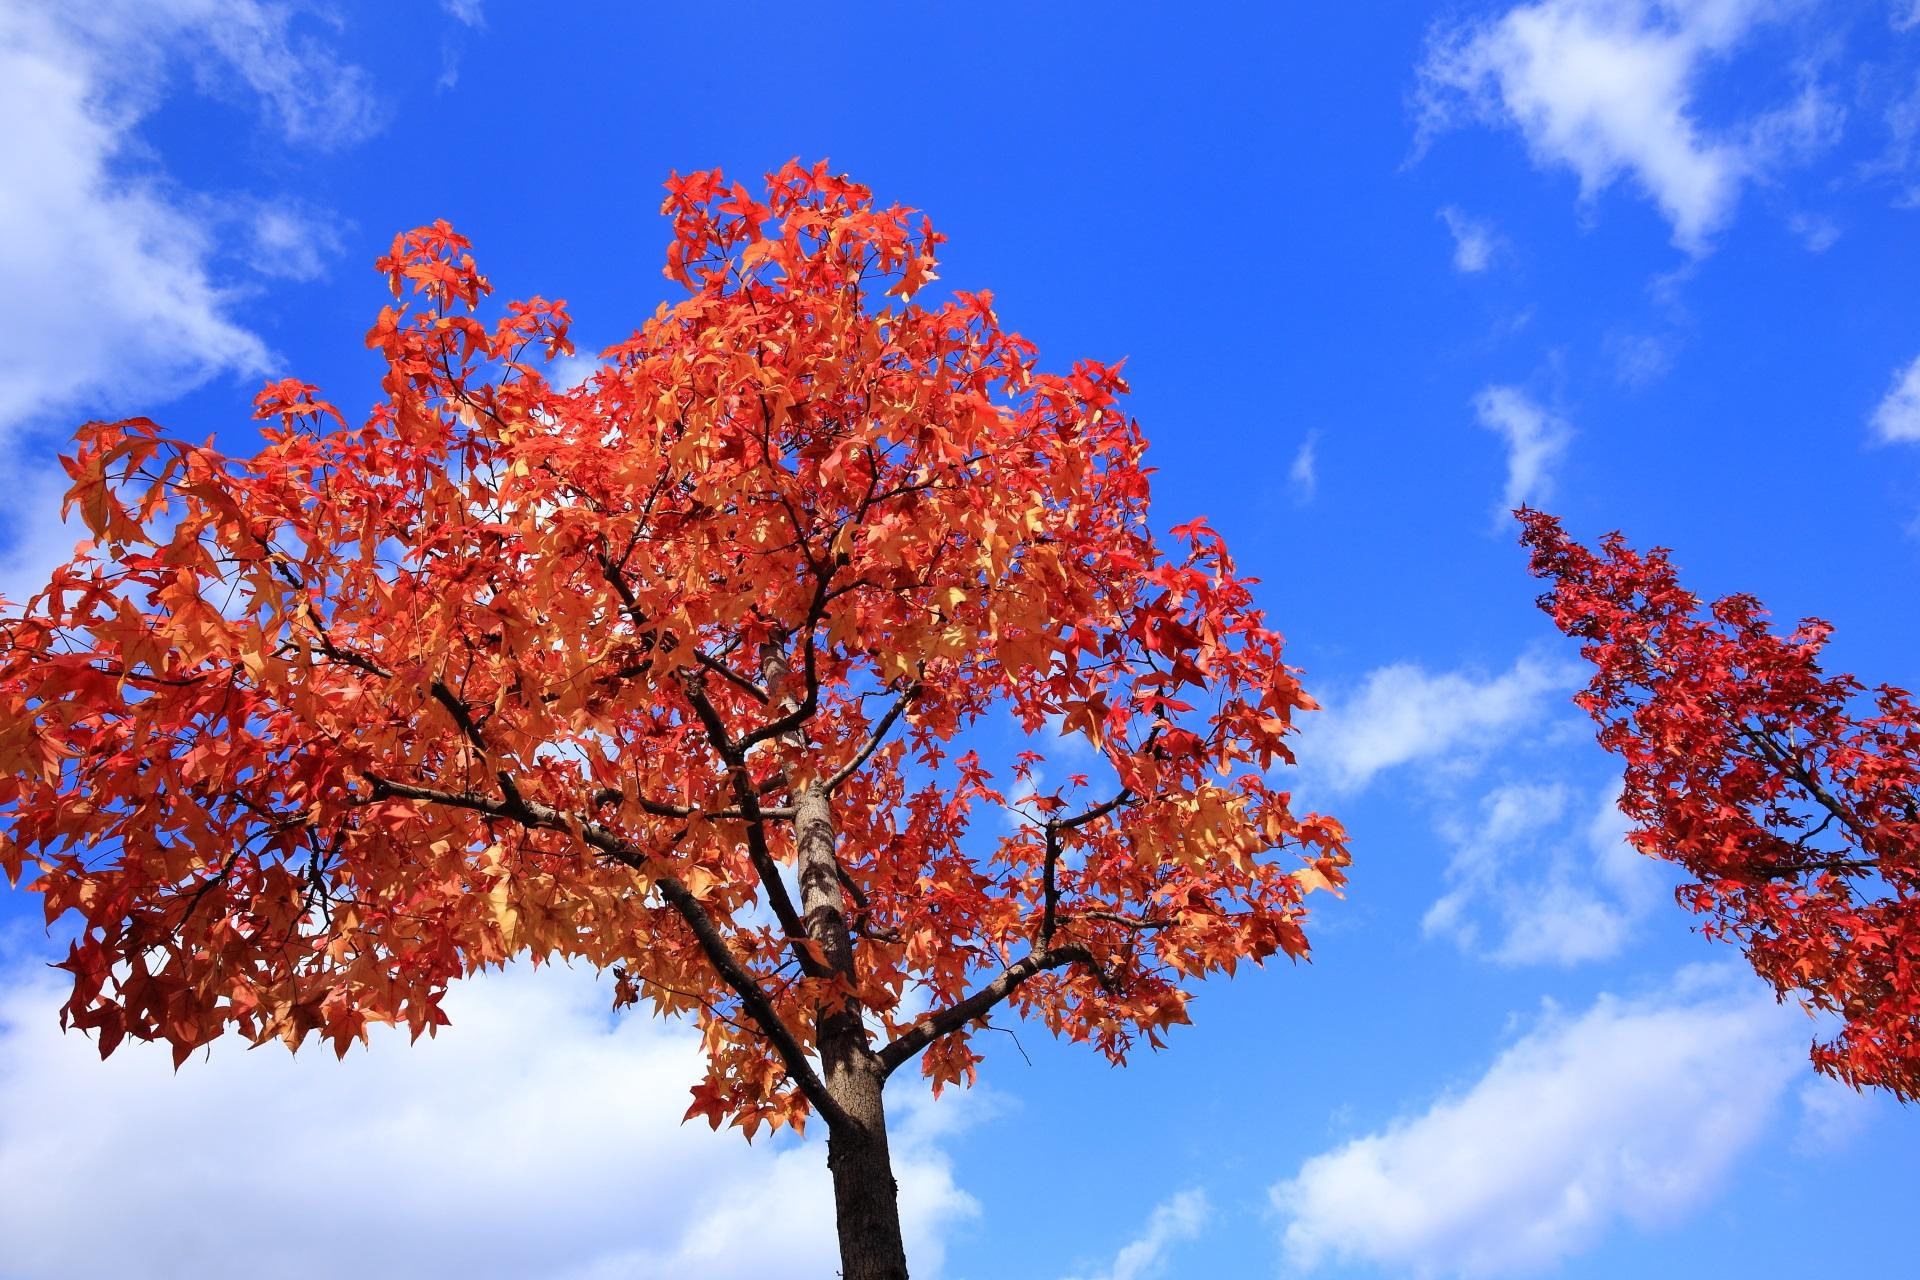 秋の空と雲を綺麗に華やぐ二条城外の街路樹